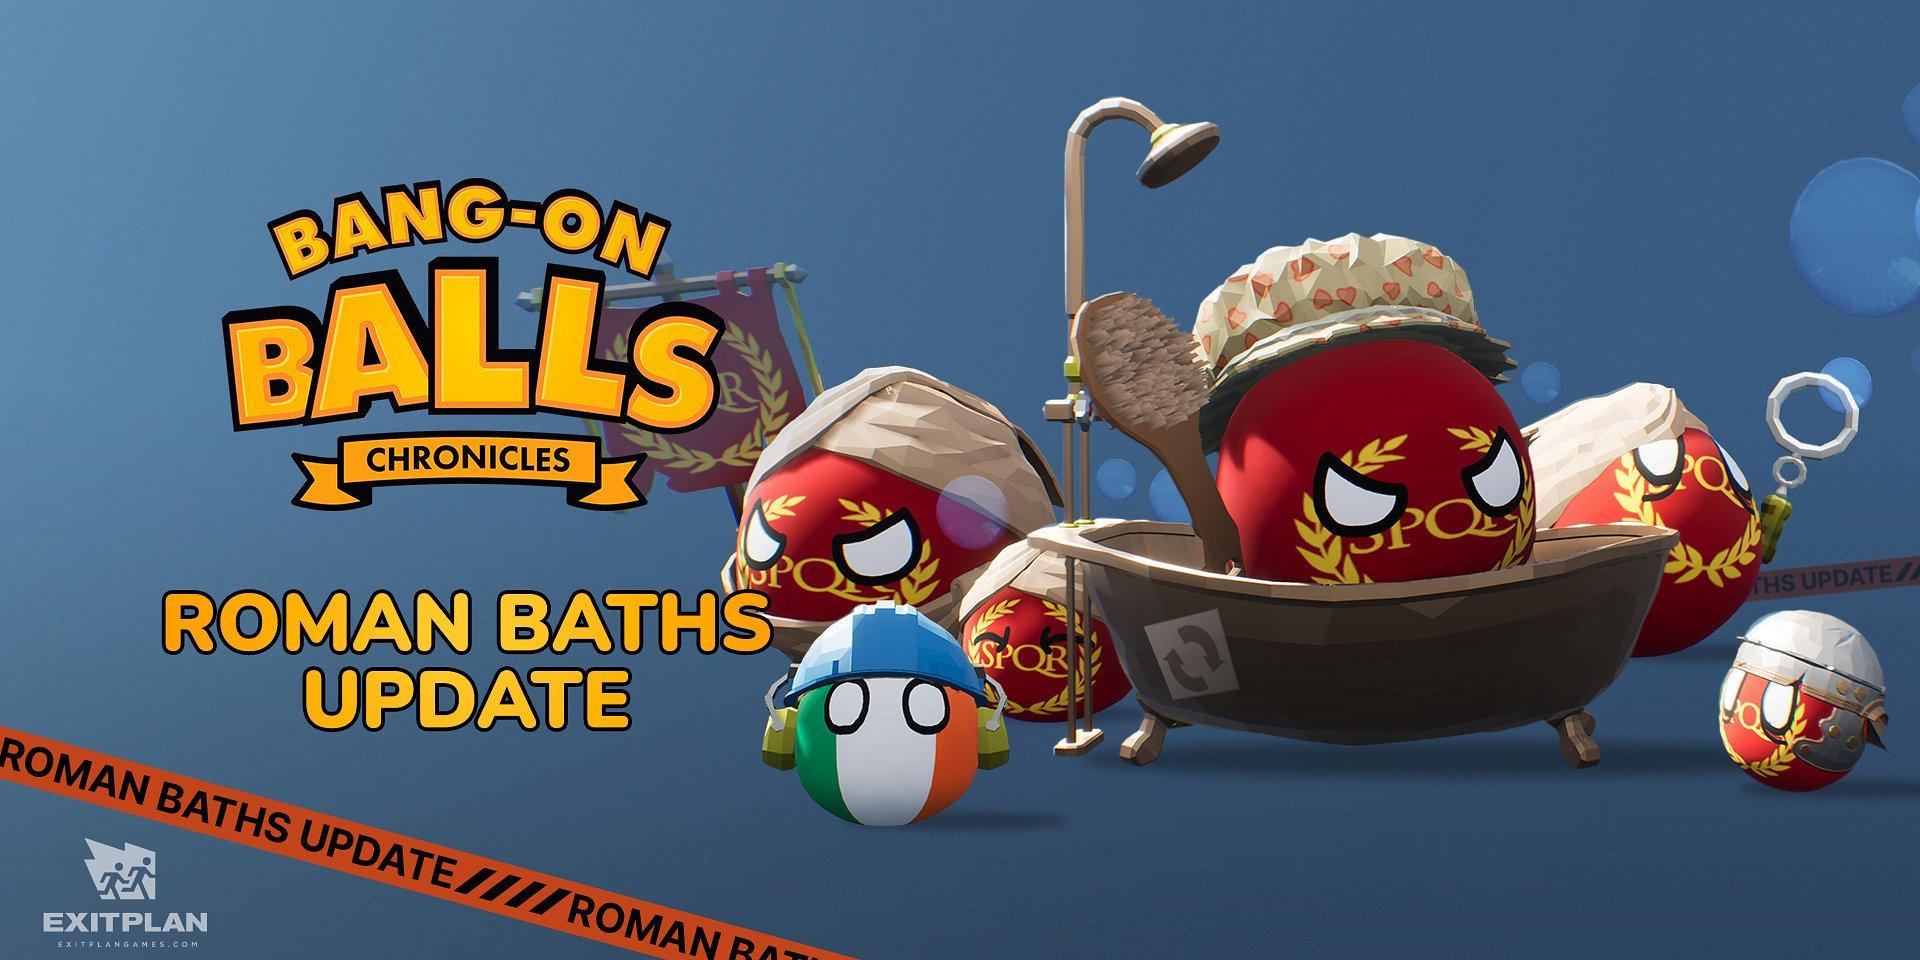 Идите в БАНЮ! Вышло обновление Roman Bath для Bang-on Balls: Chronicles!